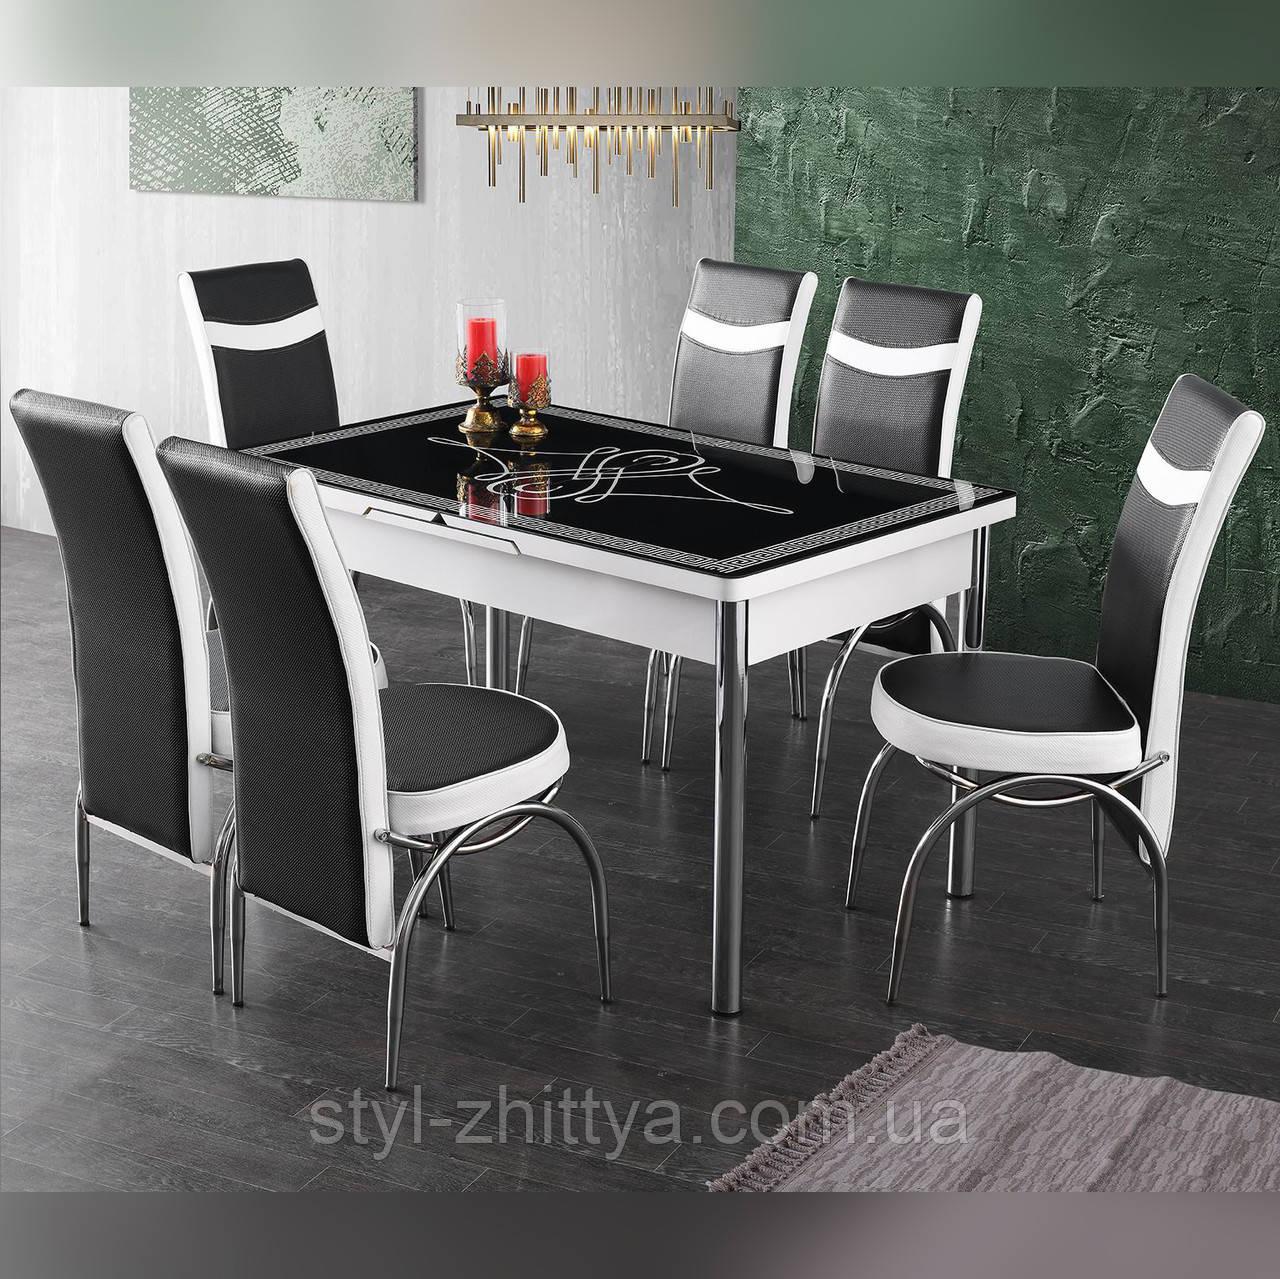 6-064 Стіл розкладний зі скла і 6 стільців